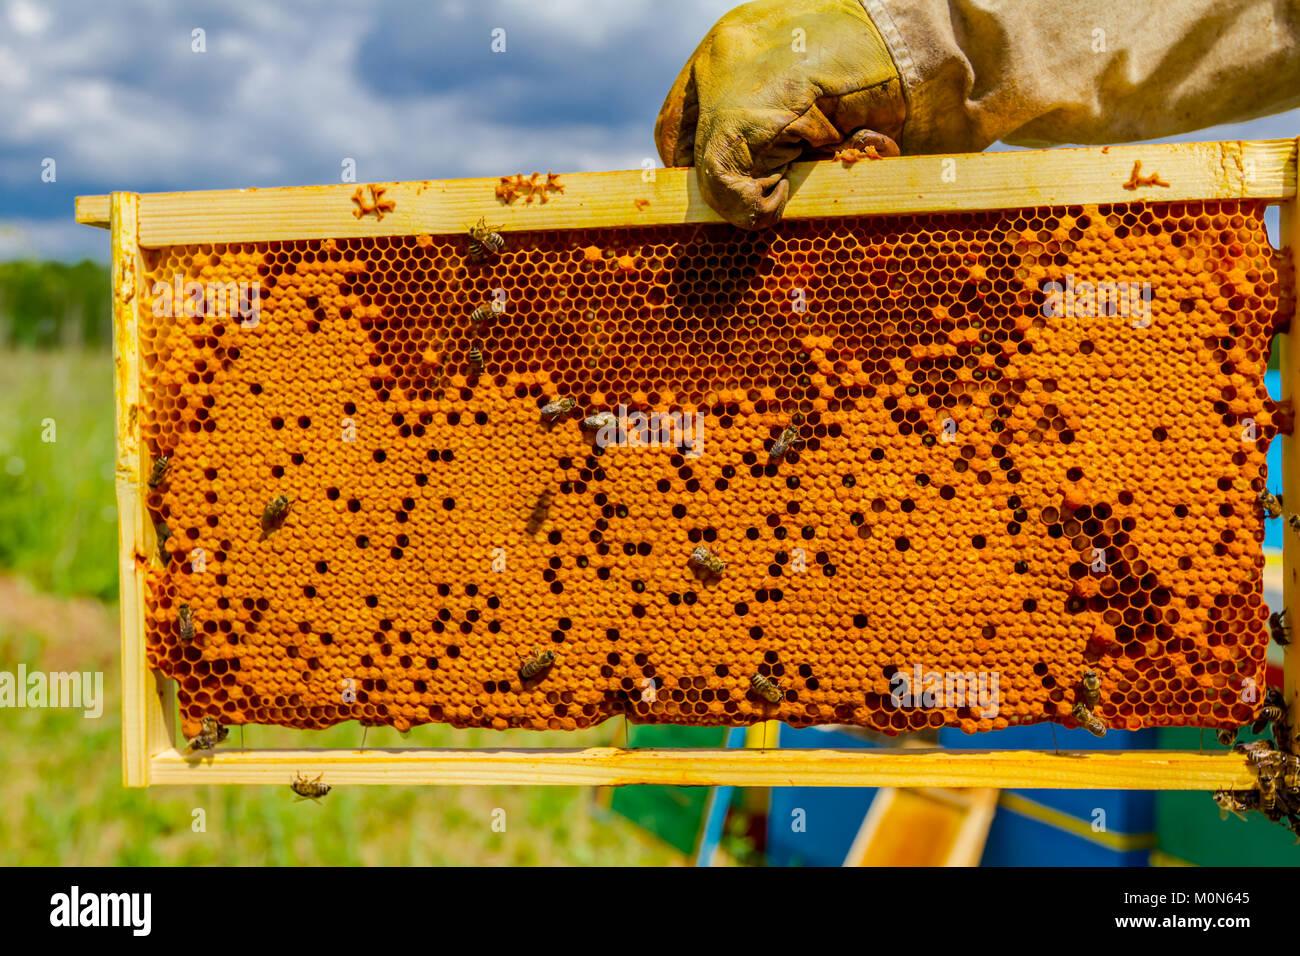 Imker hält sich geschlossen Wabe voll mit Honig auf Holzrahmen ...